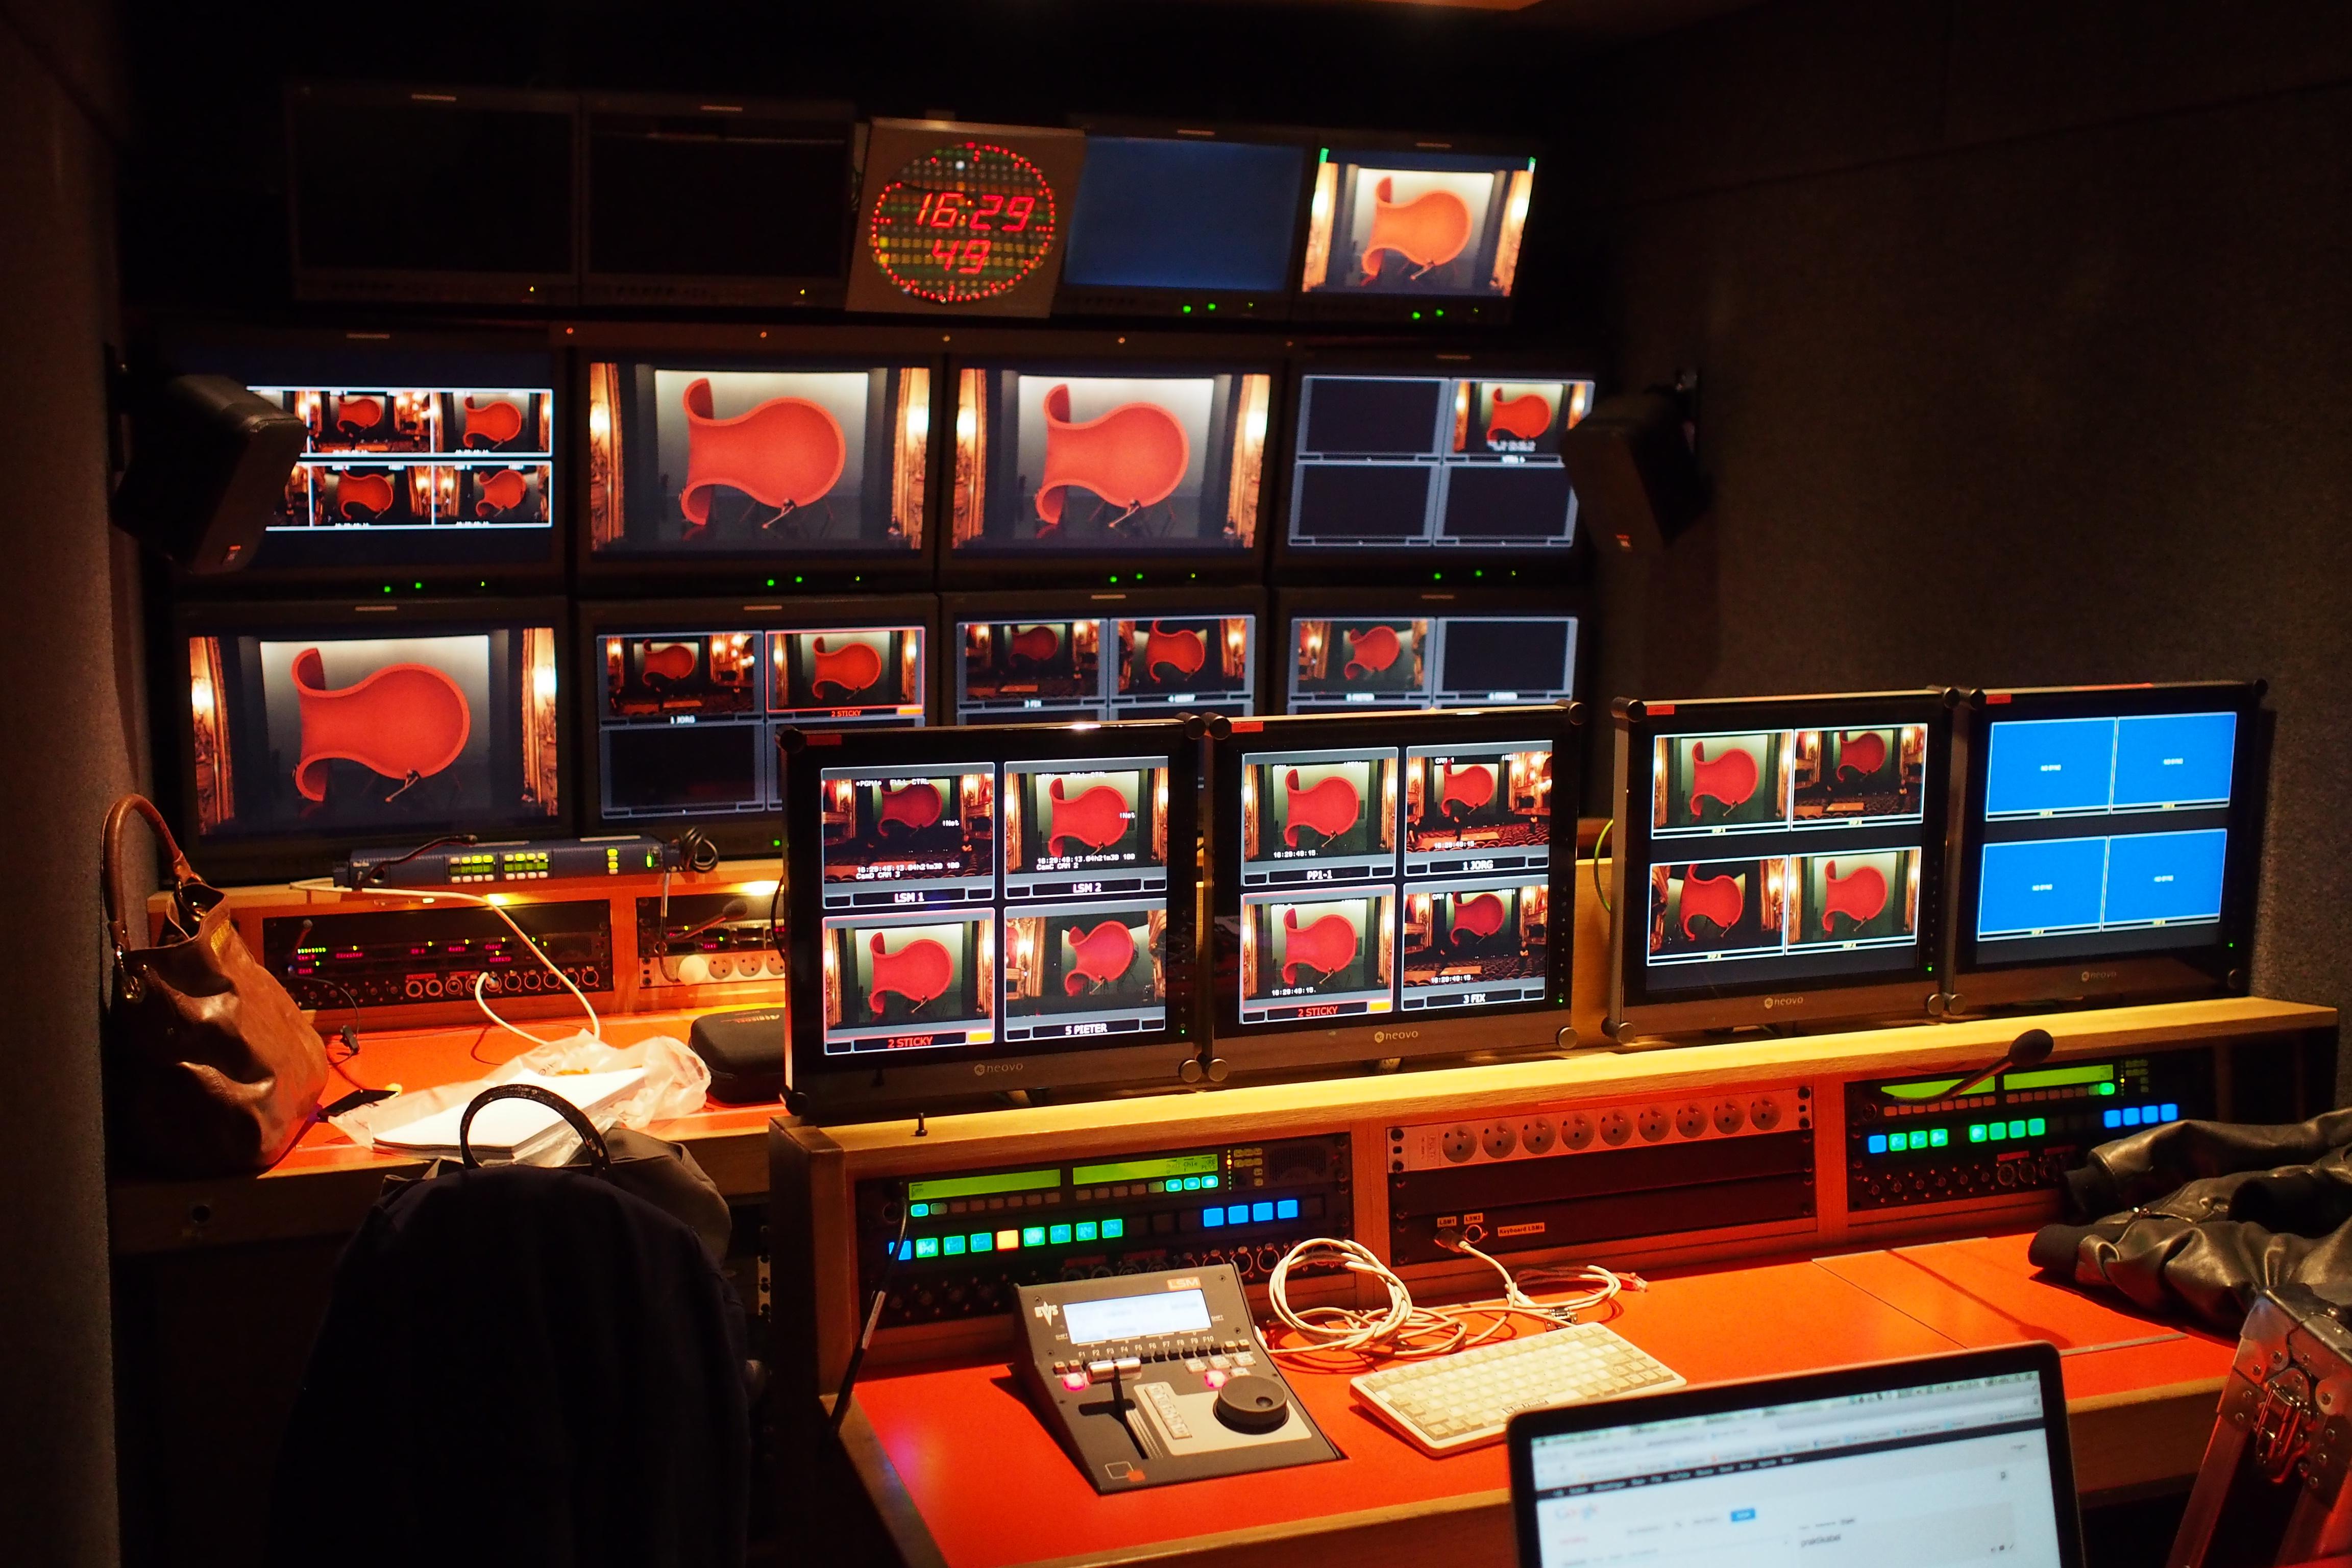 Veel operahuizen openen tijdens de coronacrisis digitaal hun deuren. De Koninklijke Muntschouwburg, het operahuis in Brussel, biedt al sinds 2011 een online programmering aan. Na iedere laatste voorstelling staat de productie minimaal drie weken online. Kosteloos te bekijken, voor iedereen. 'Wij worden gesubsidieerd door de Belgische overheid. Dus in feite door alle Belgen. Daarom willen wij onze voorstellingen voor een zo breed publiek mogelijk beschikbaar maken', vertelt Jo Nicolaï, hoofd opnames en audiovisuele producties.